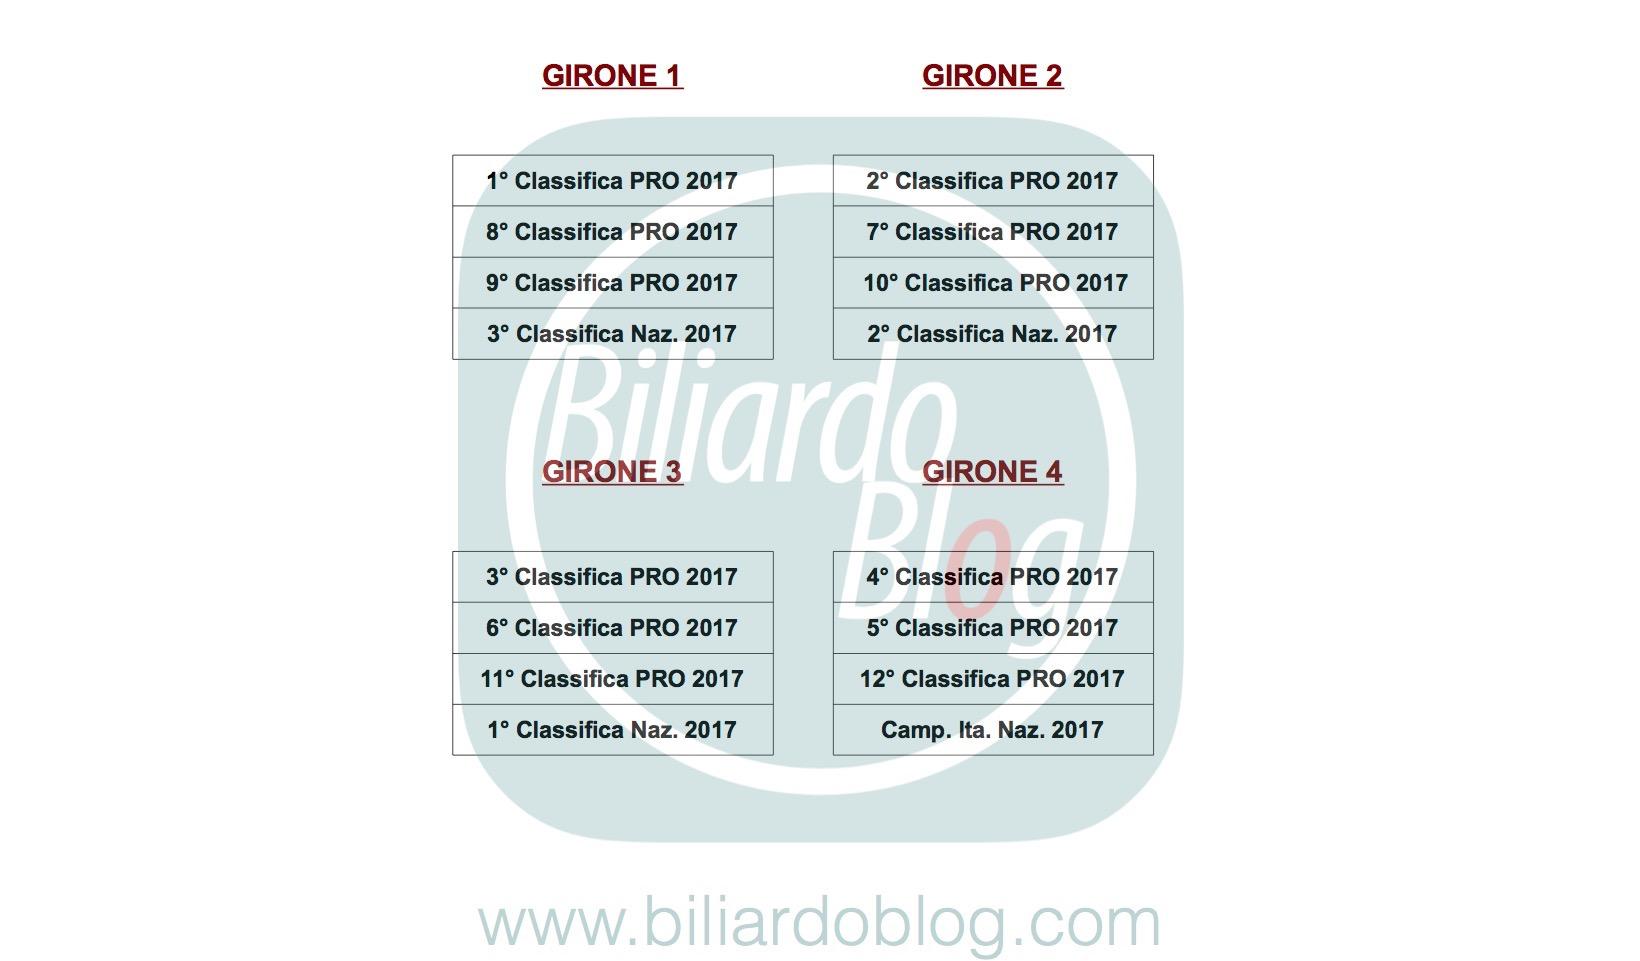 Campionato BTP di Biliardo 2017 2018: gironi prima tappa